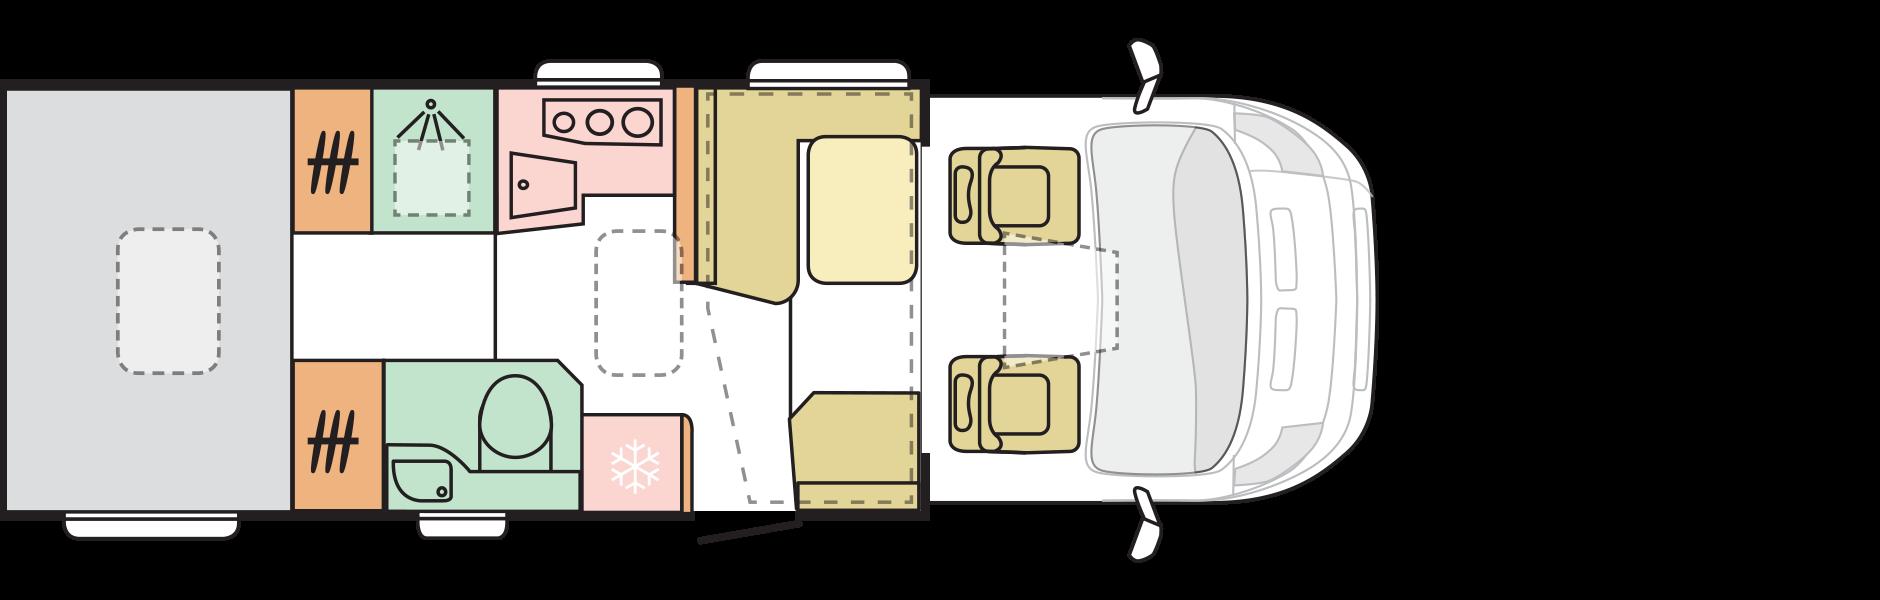 Denní rozložení - 5 míst pro jízdu (4 pohodlně)